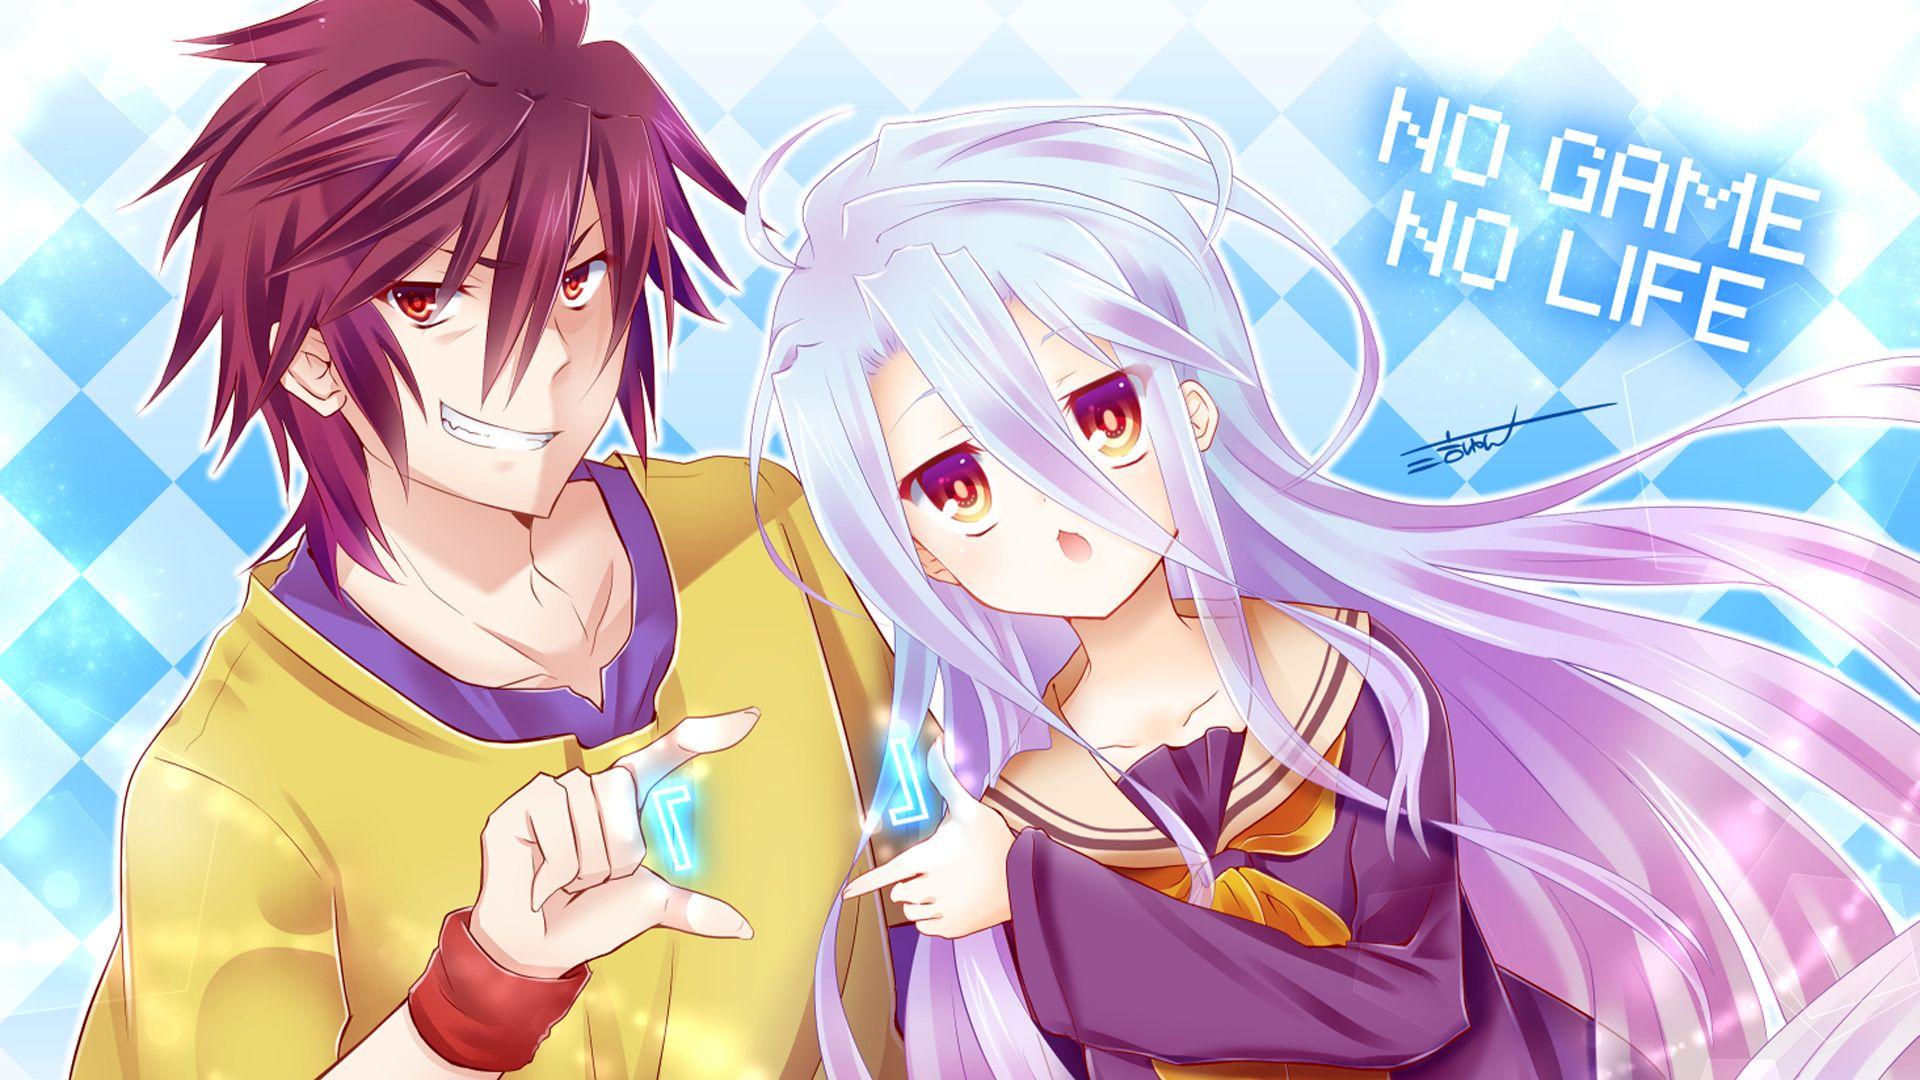 Bildergebnis für Anime No Game No life